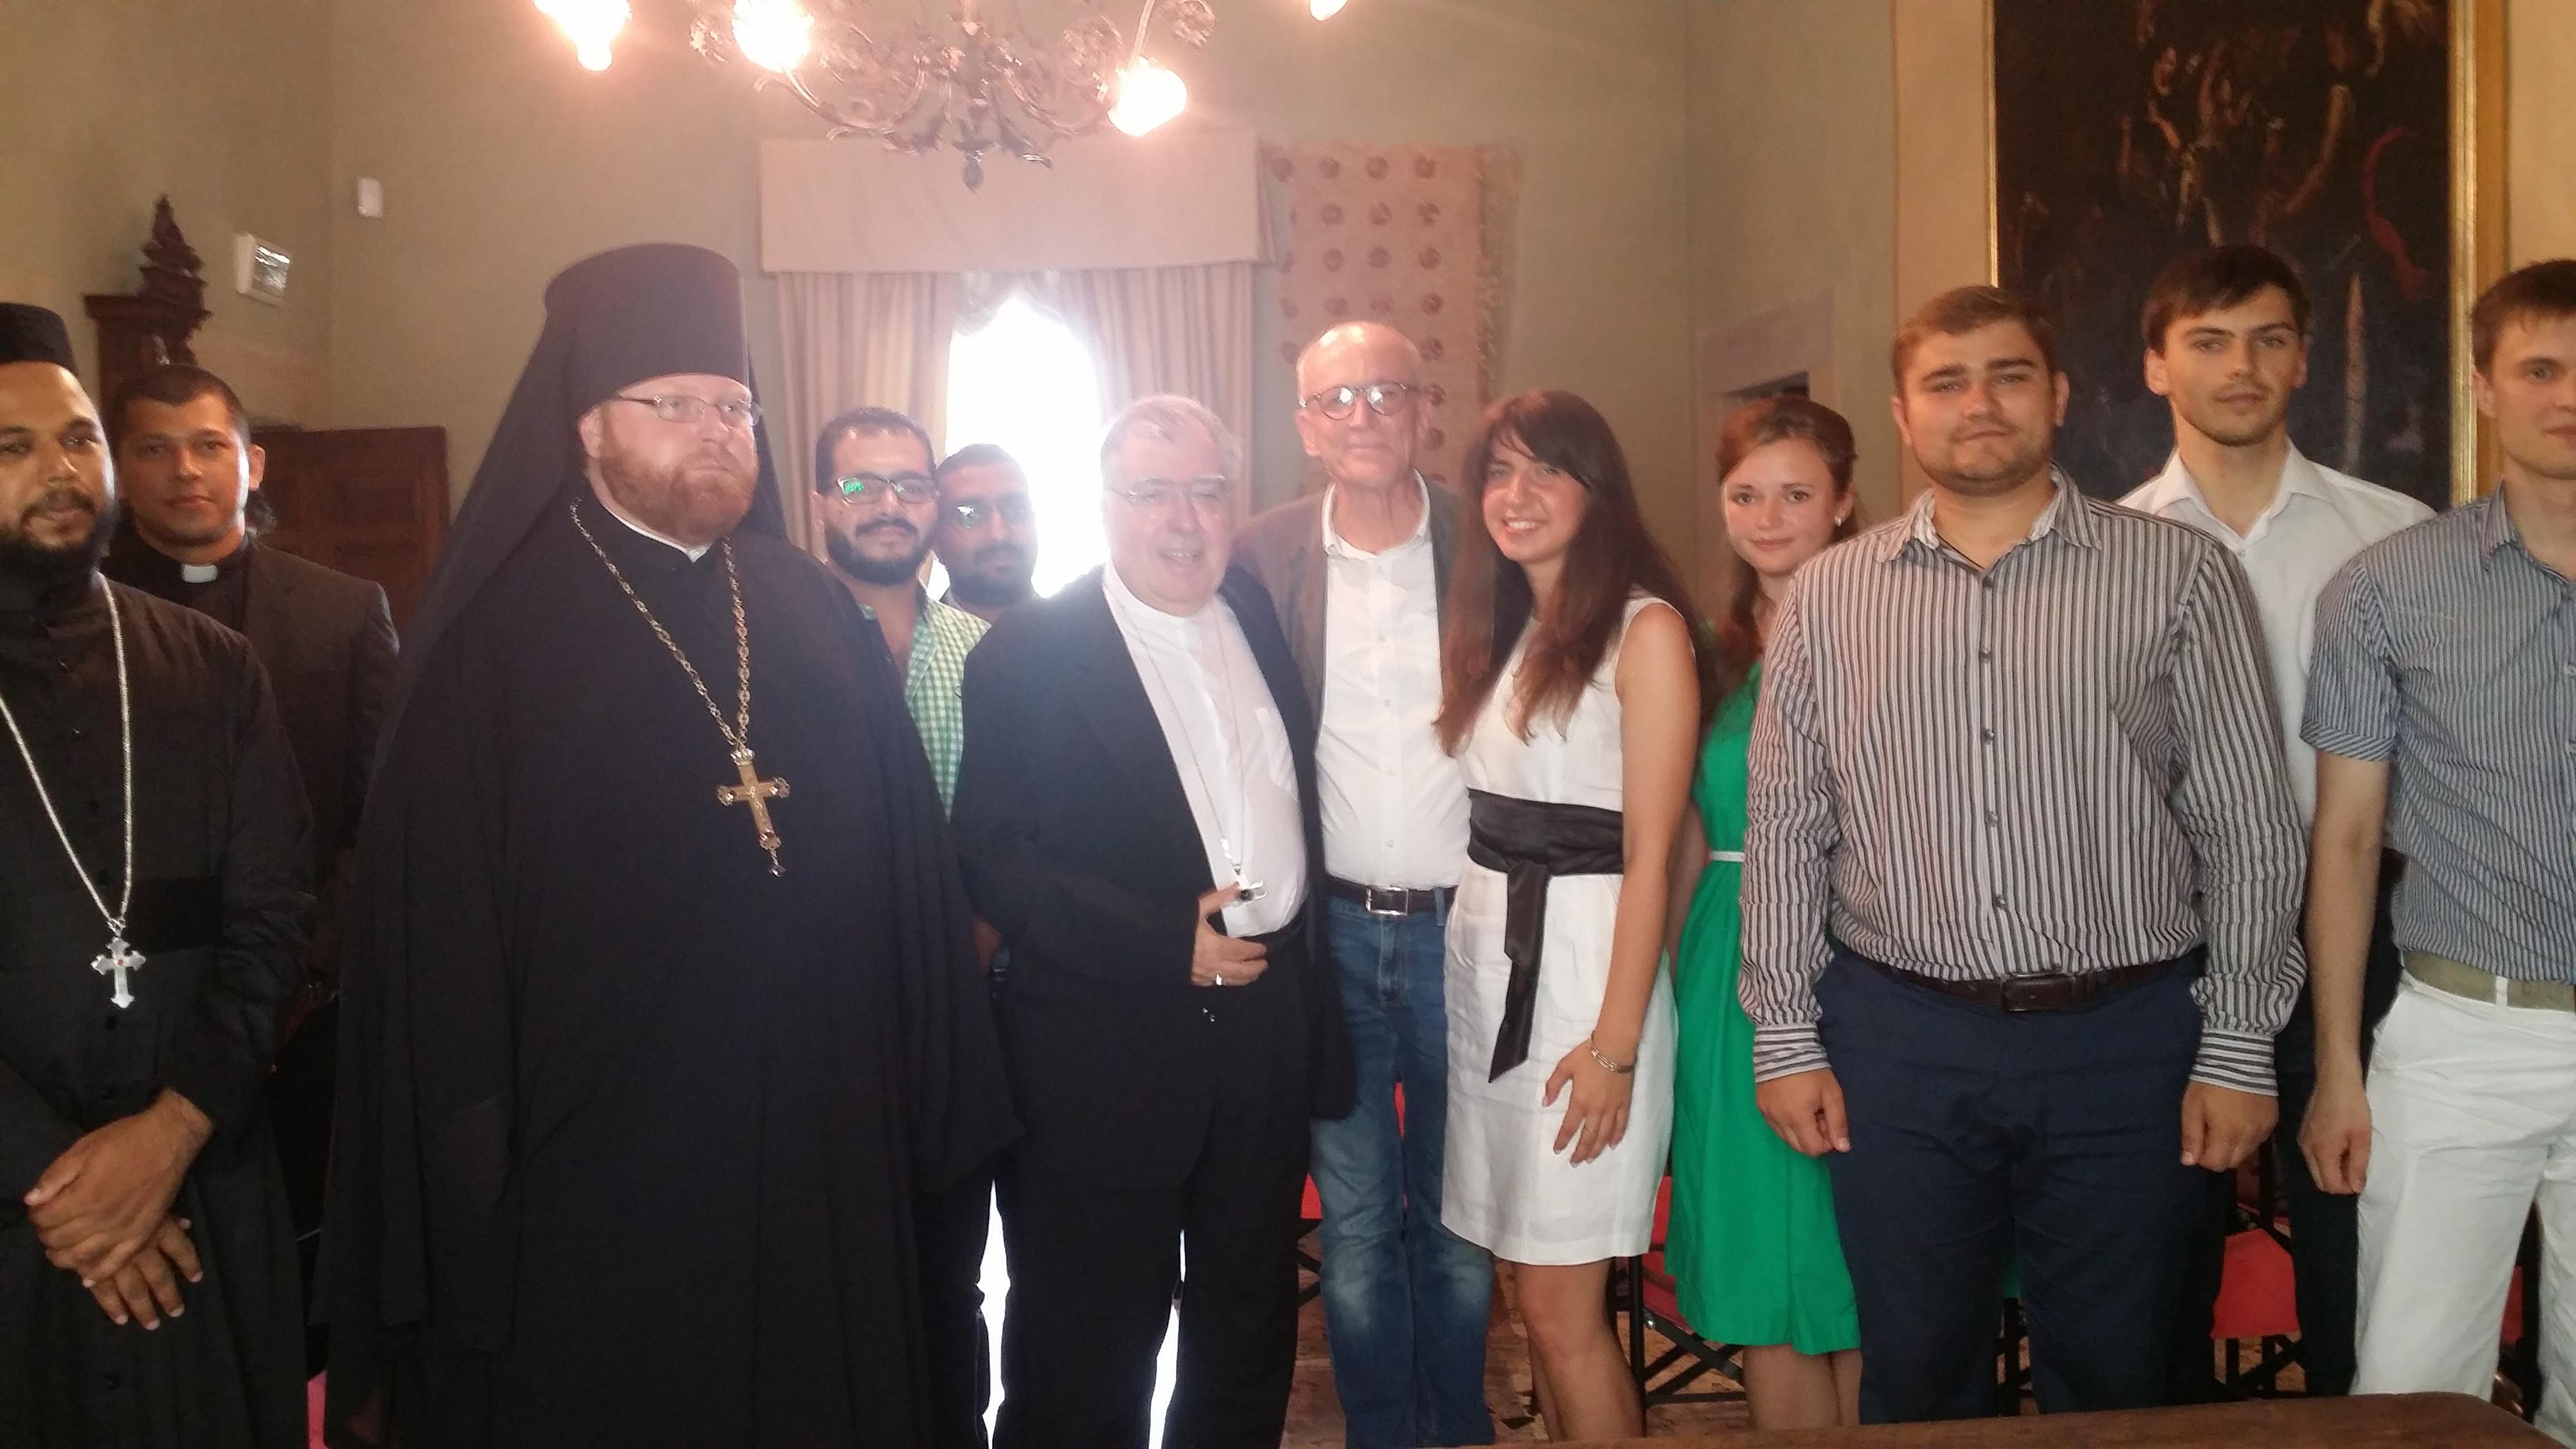 L'arcivescovo Riccardo Fontana accoglie i giovani del Comitè. Un incontro all'insegna del dialogo ecumenico e dell'unità.